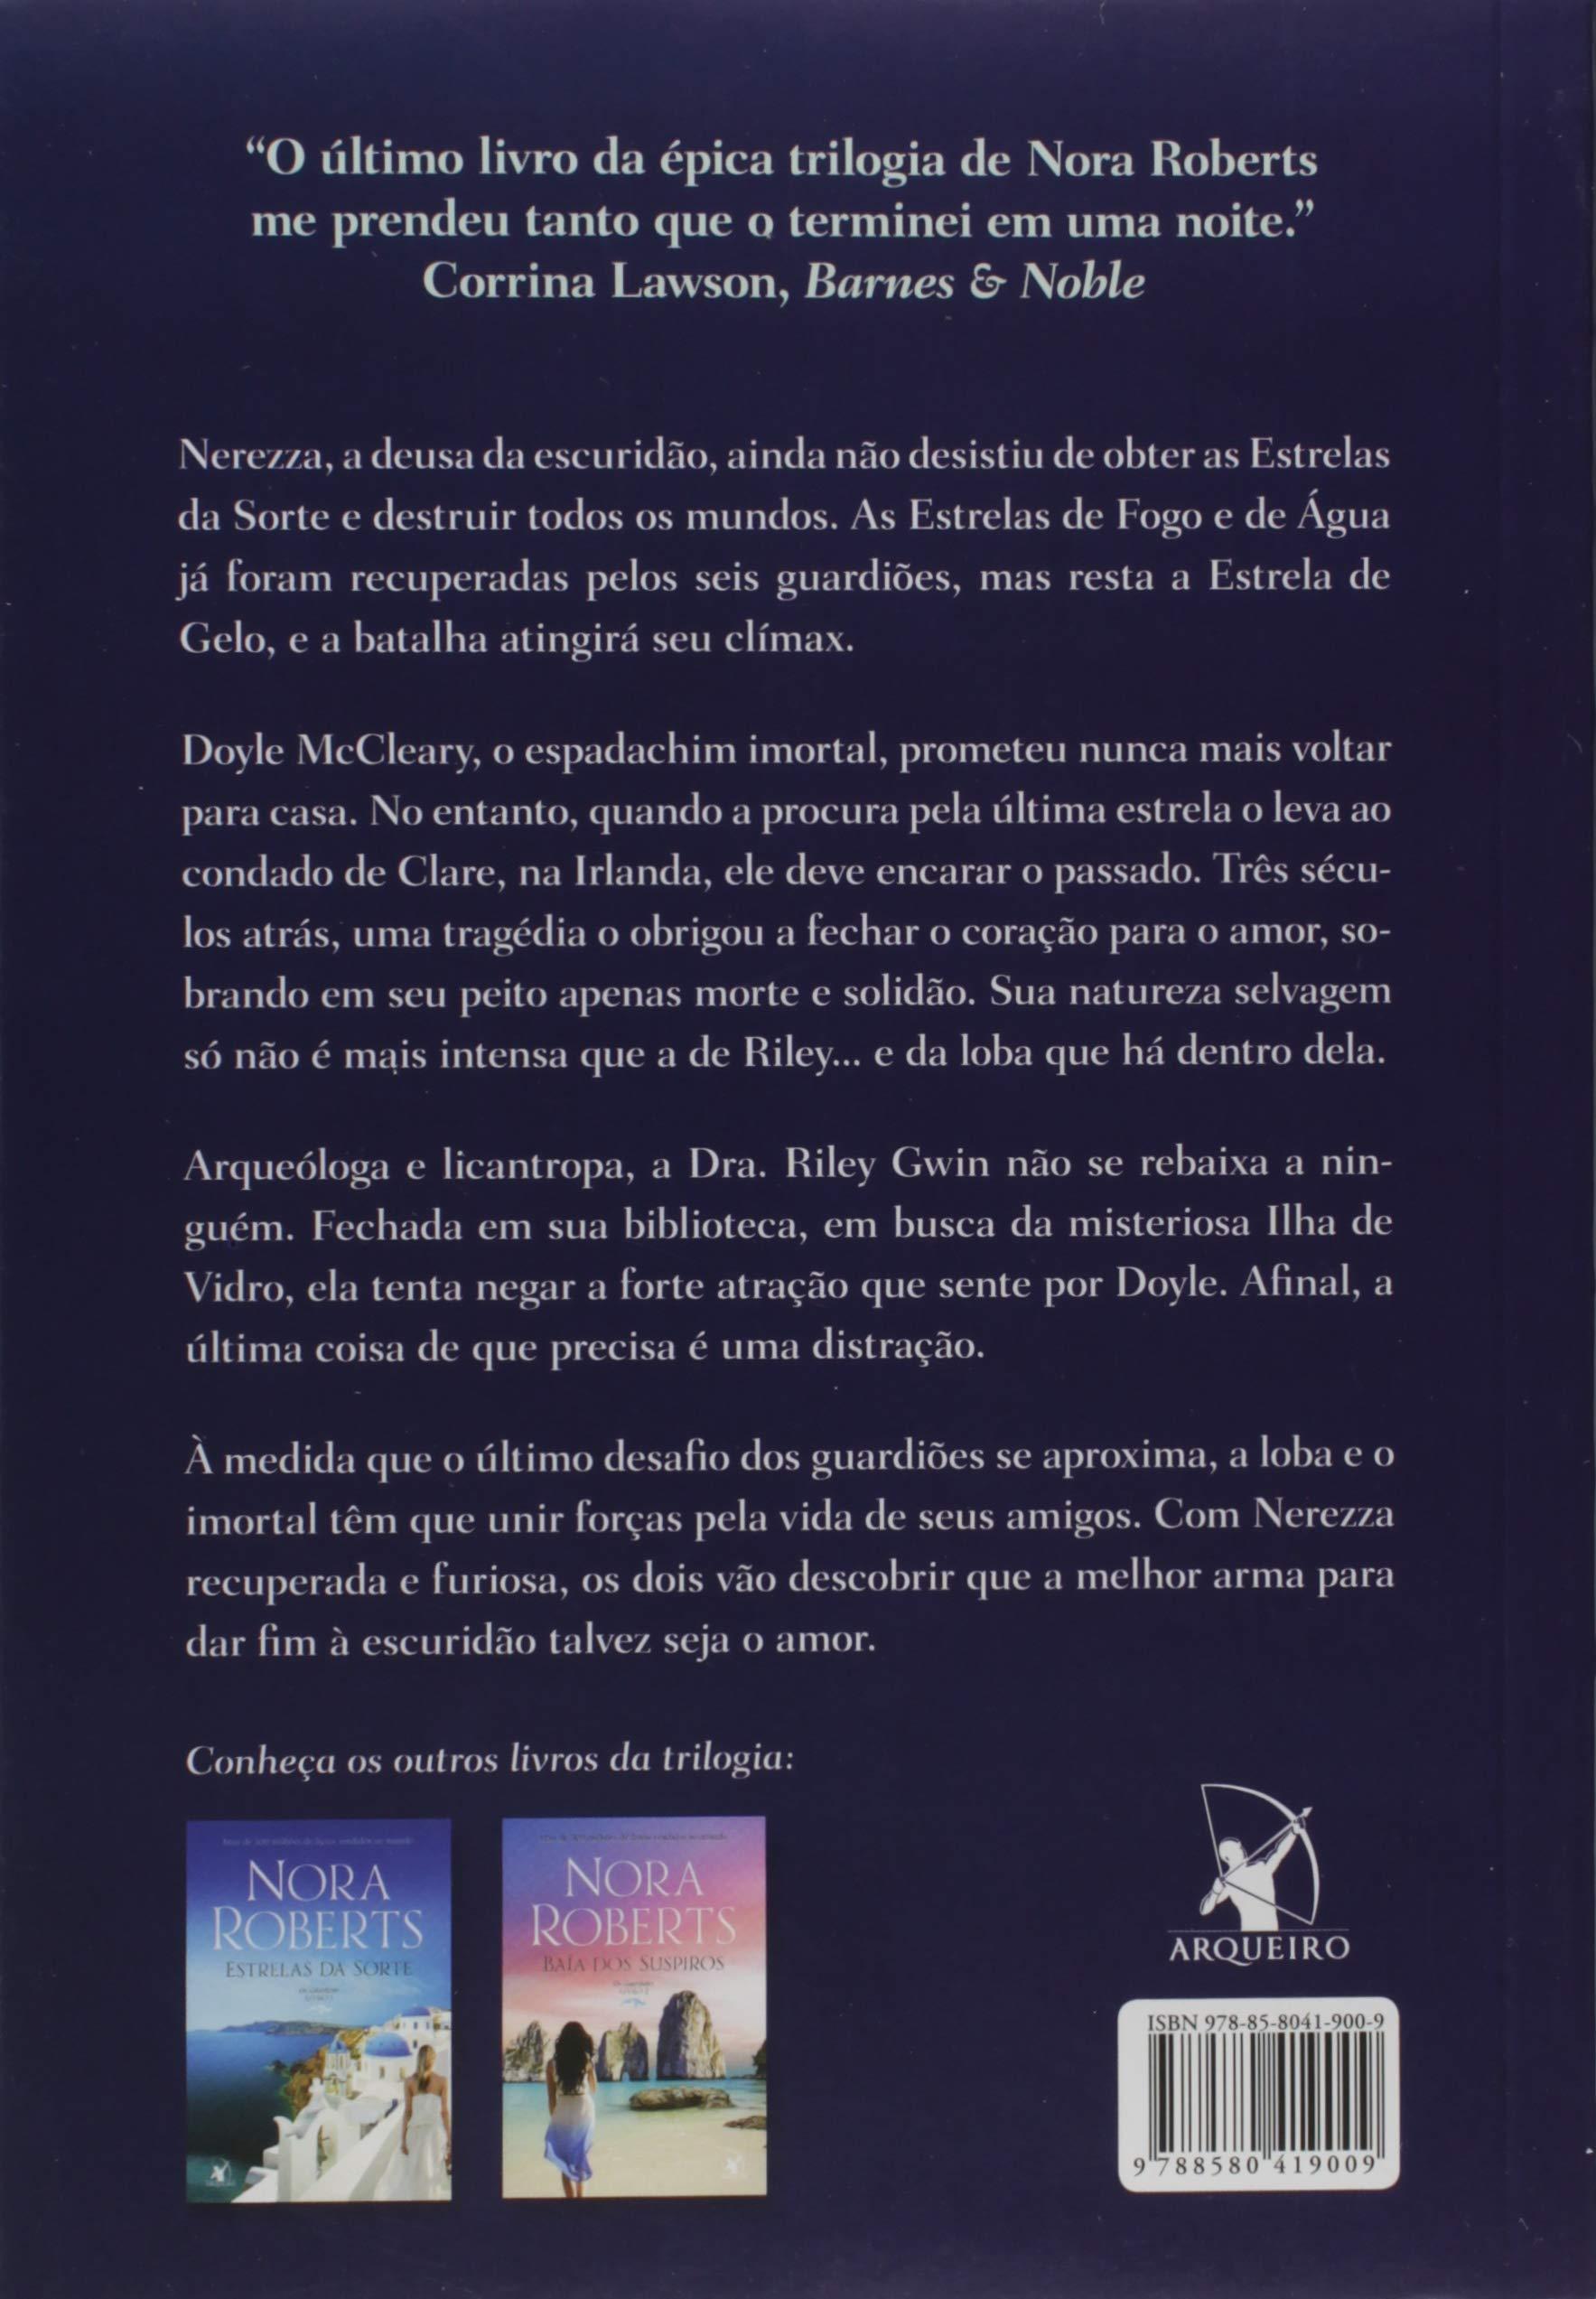 Ilha de Vidro (Em Portugues do Brasil): Nora Roberts: 9788580419009: Amazon.com: Books